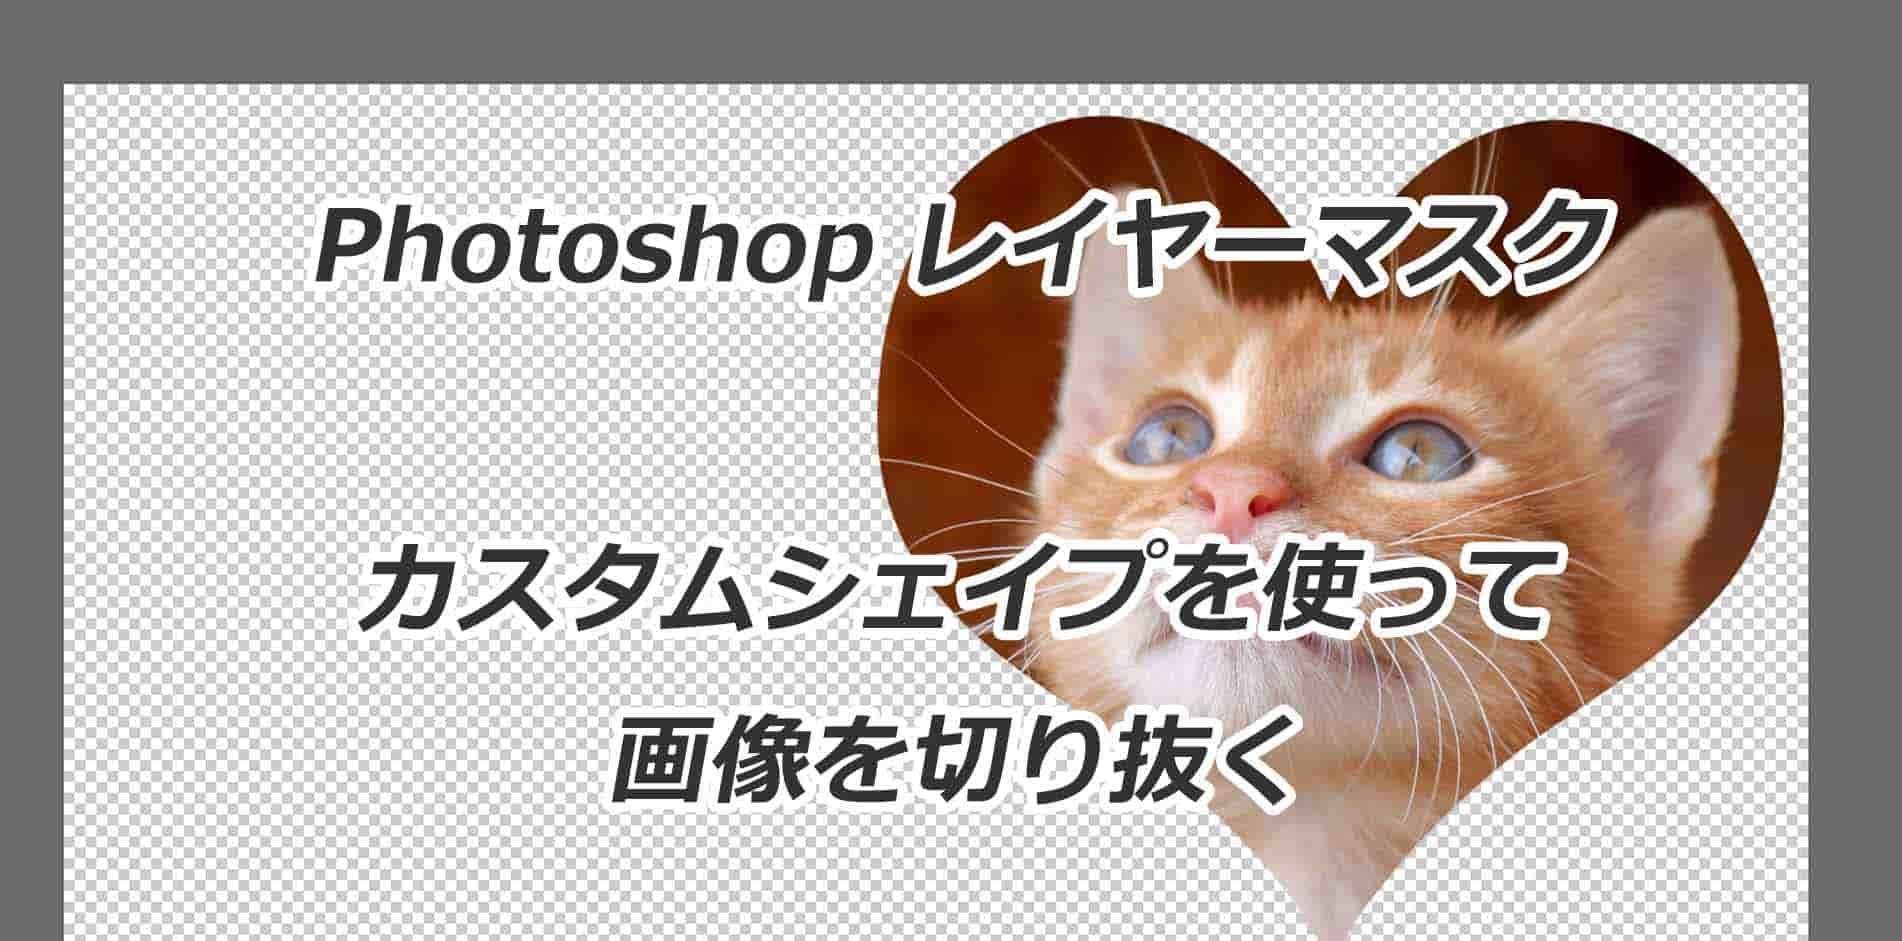 Photoshopのカスタムシェイプでレイヤーマスクを作ろう